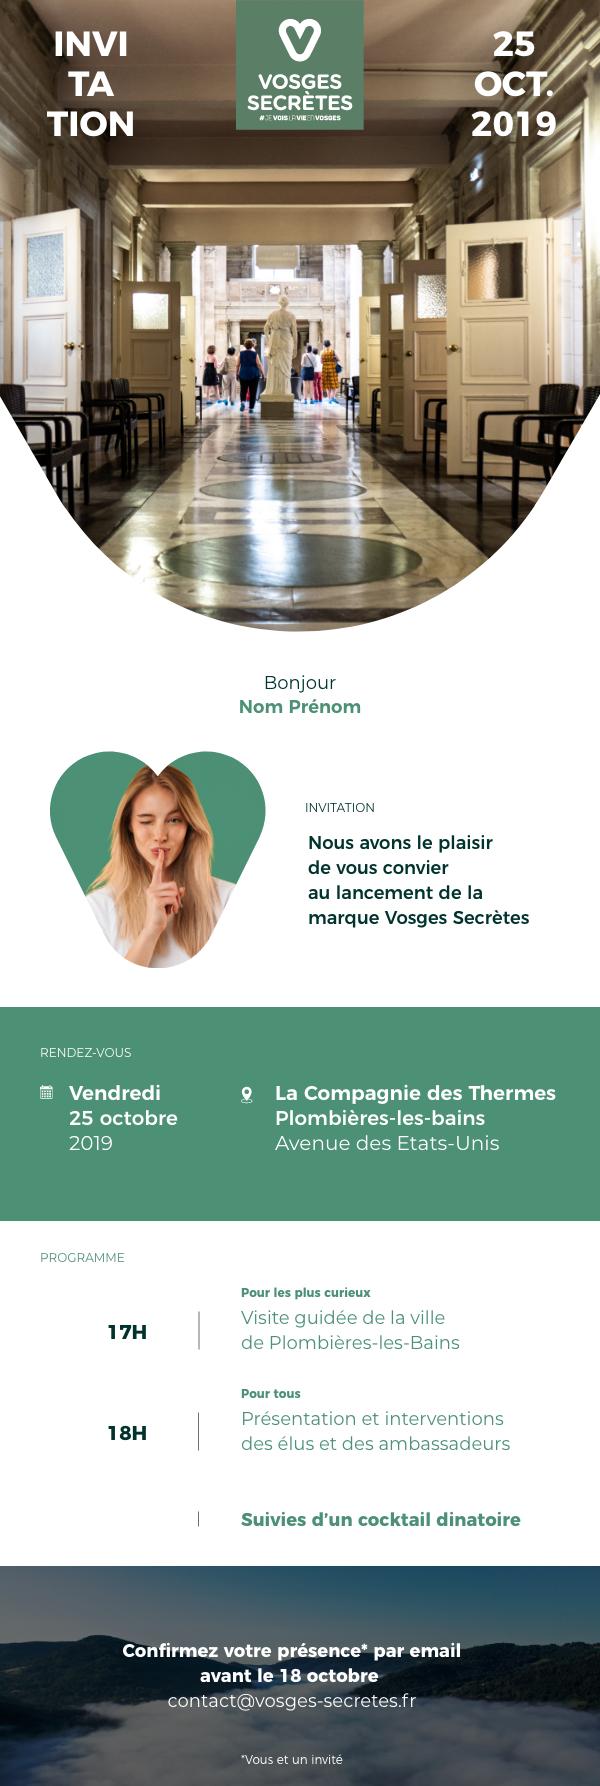 Vosges Secrete – invitation – 2